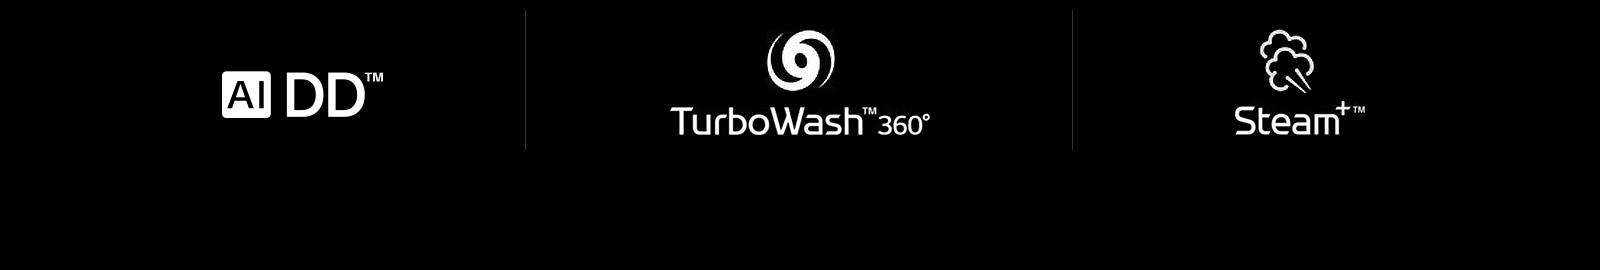 Một hàng có bốn biểu tượng LG là: Dấu hiệu của AI DD. Dấu hiệu TurboWash 360. Dấu hiệu của Steam.